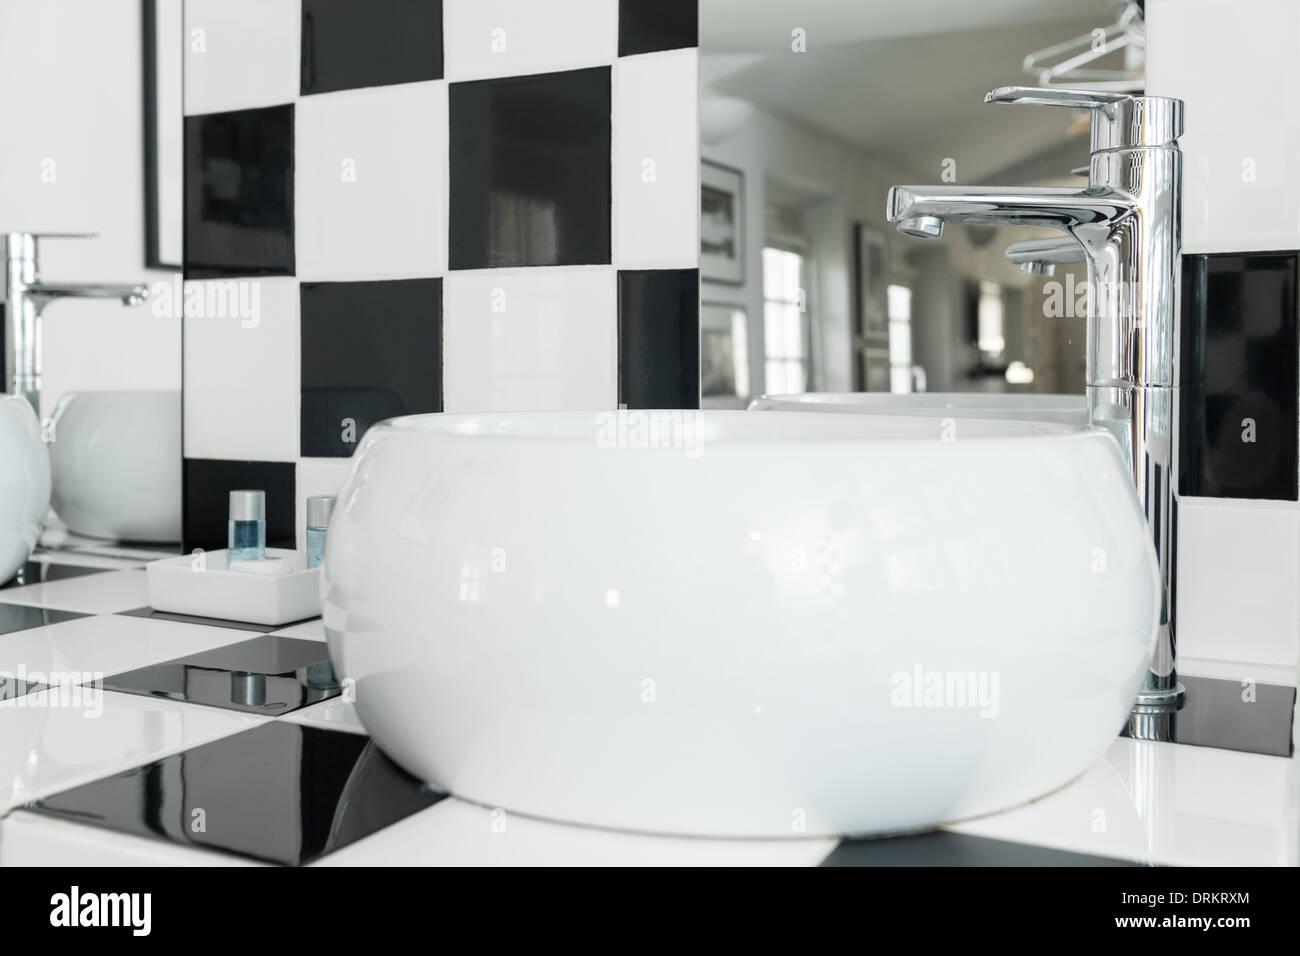 Moderno e di colore bianco lavello ovale in un bagno a scacchi con